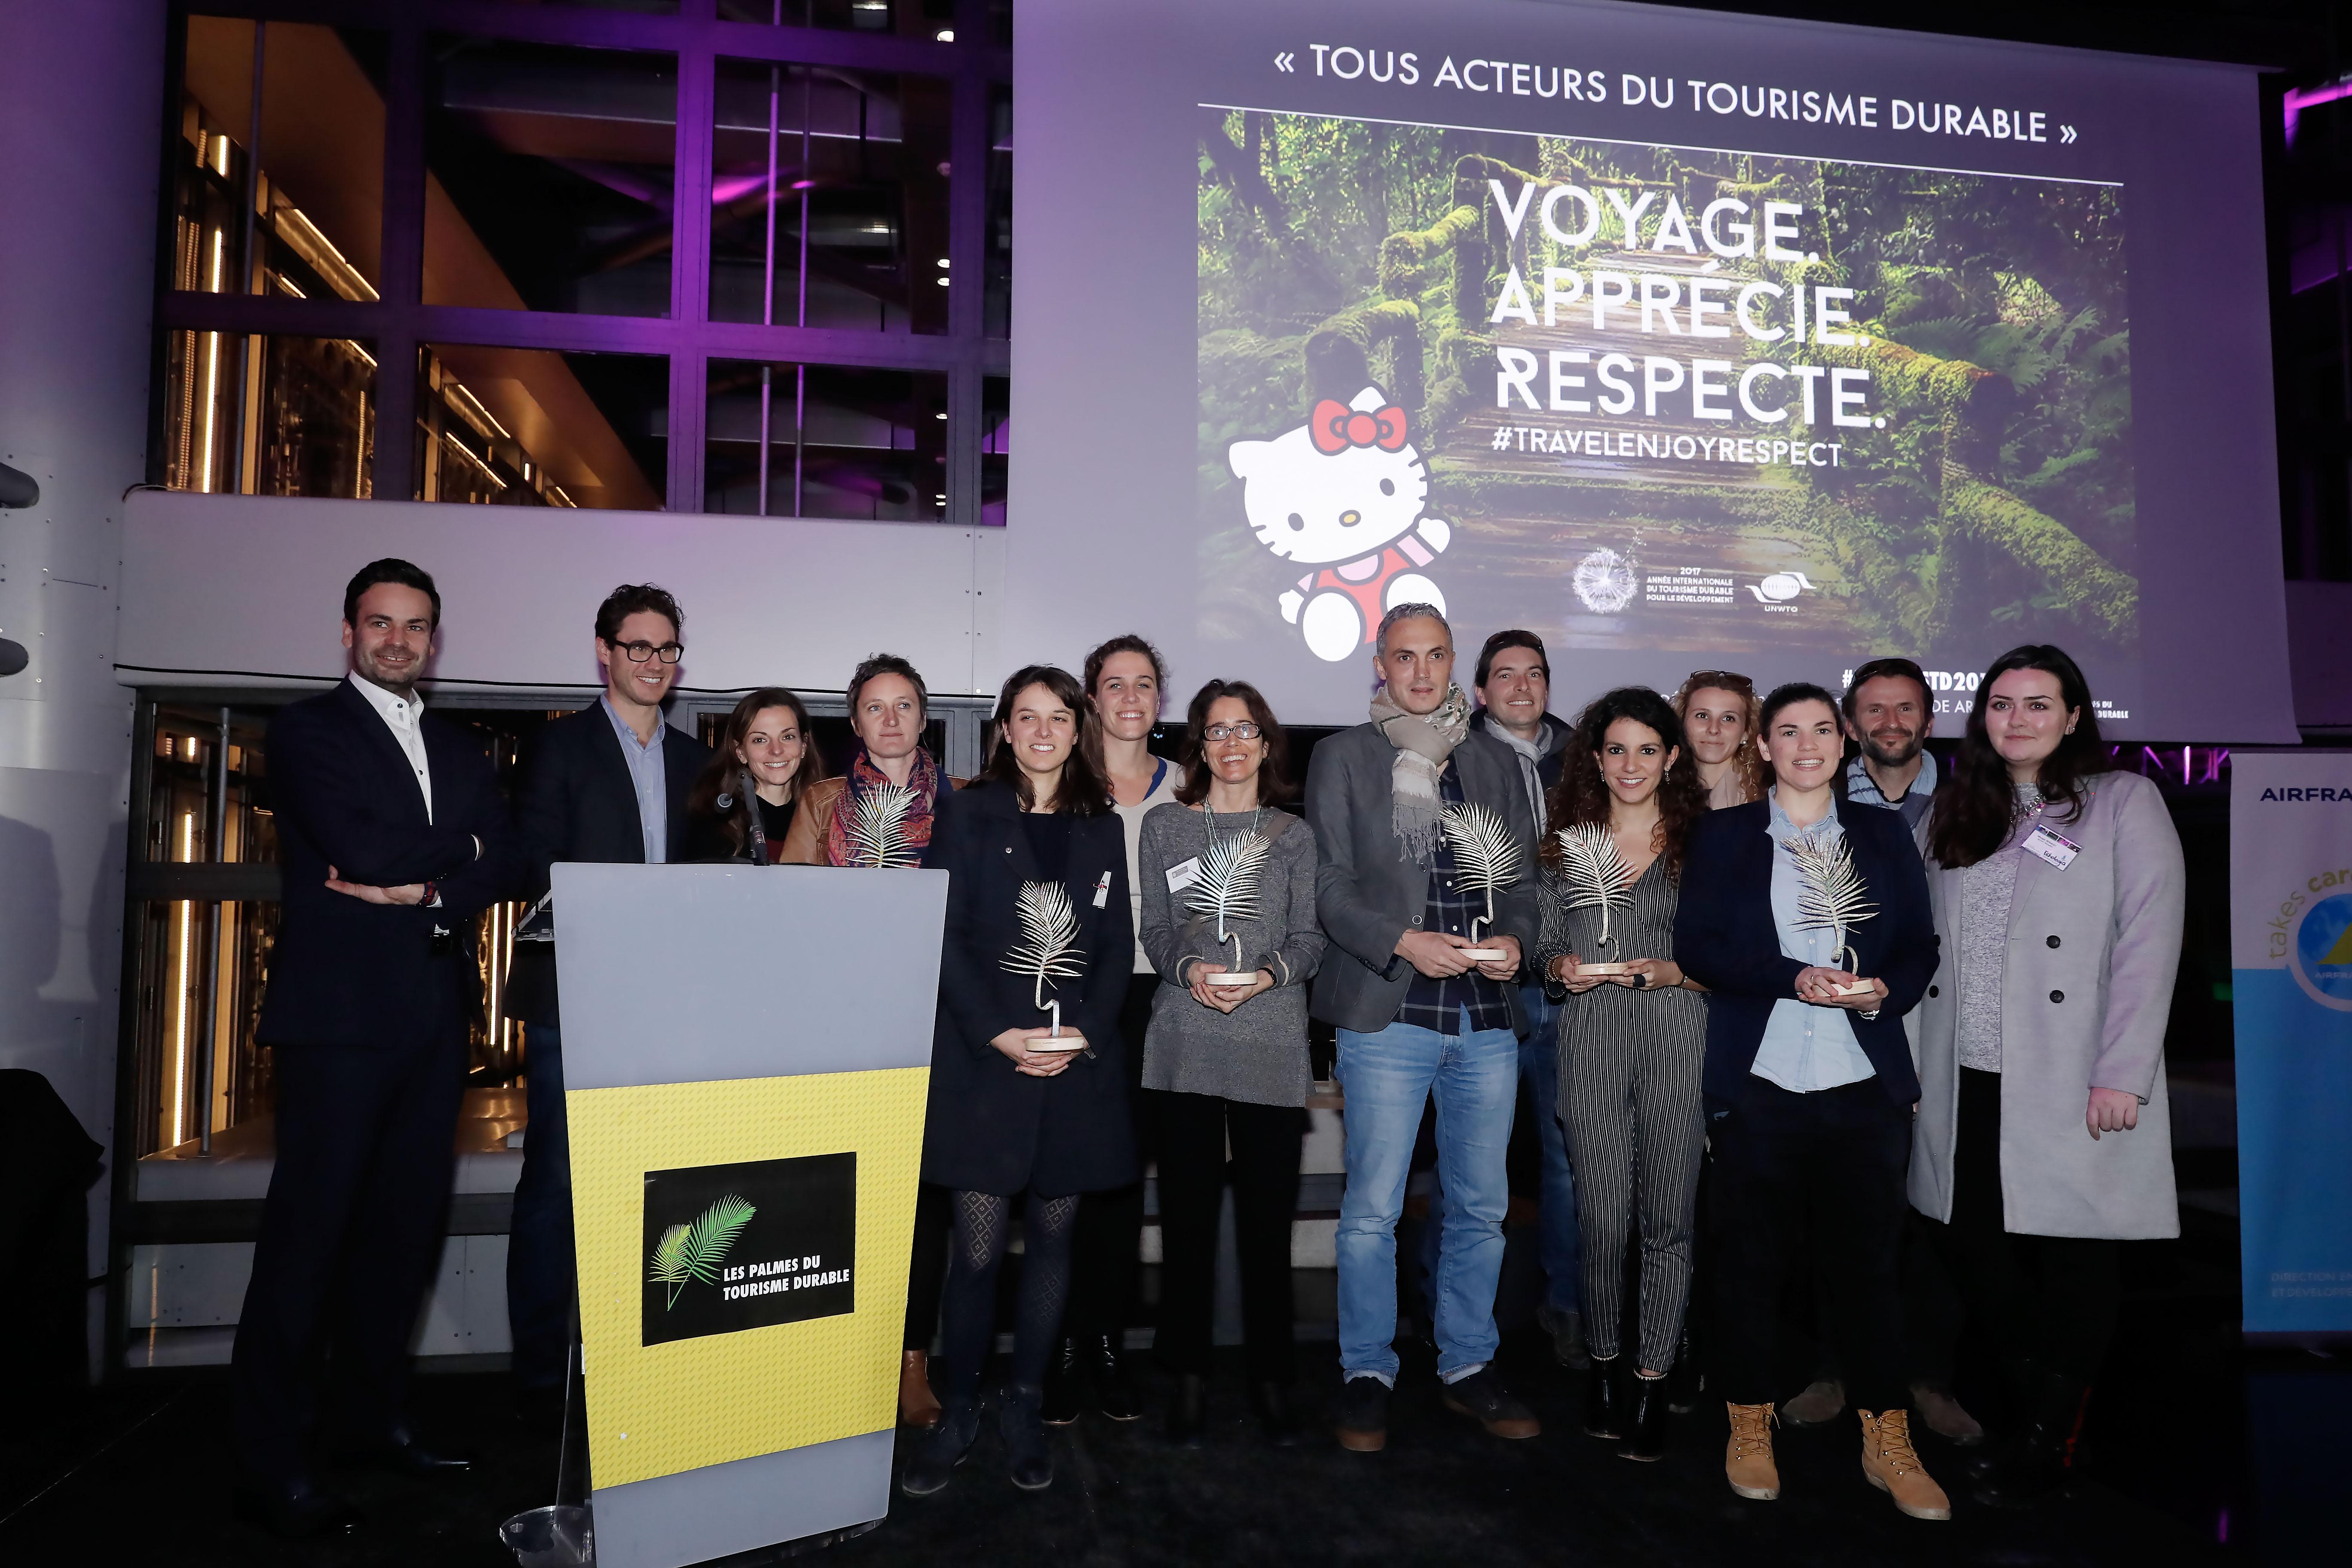 Les lauréats de la 1ère édition des Palmes du Tourisme durable - DR